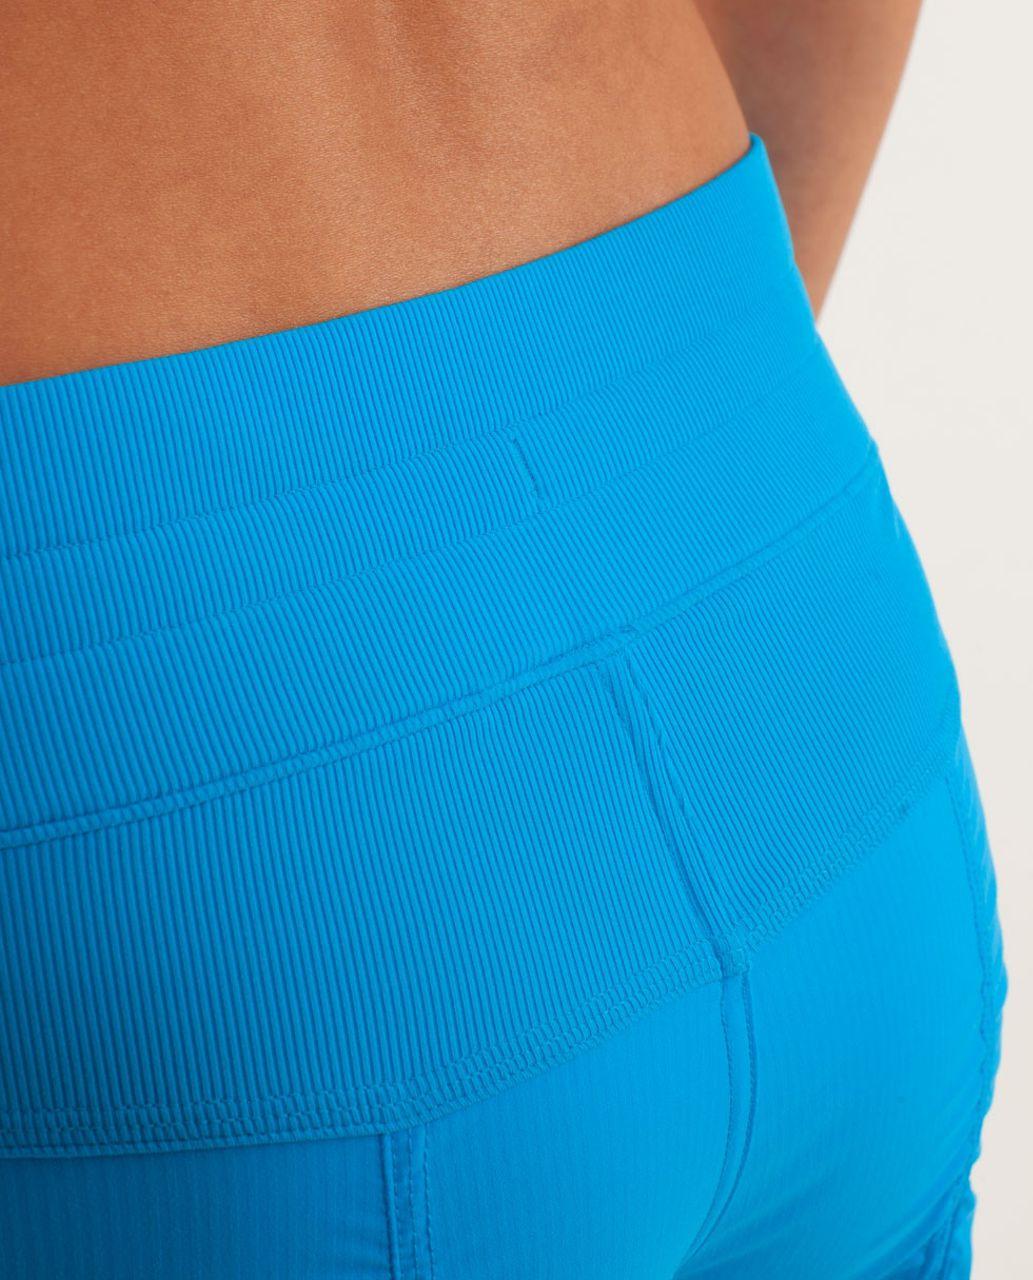 Lululemon Studio Pant II *No Liner - Beach Blanket Blue